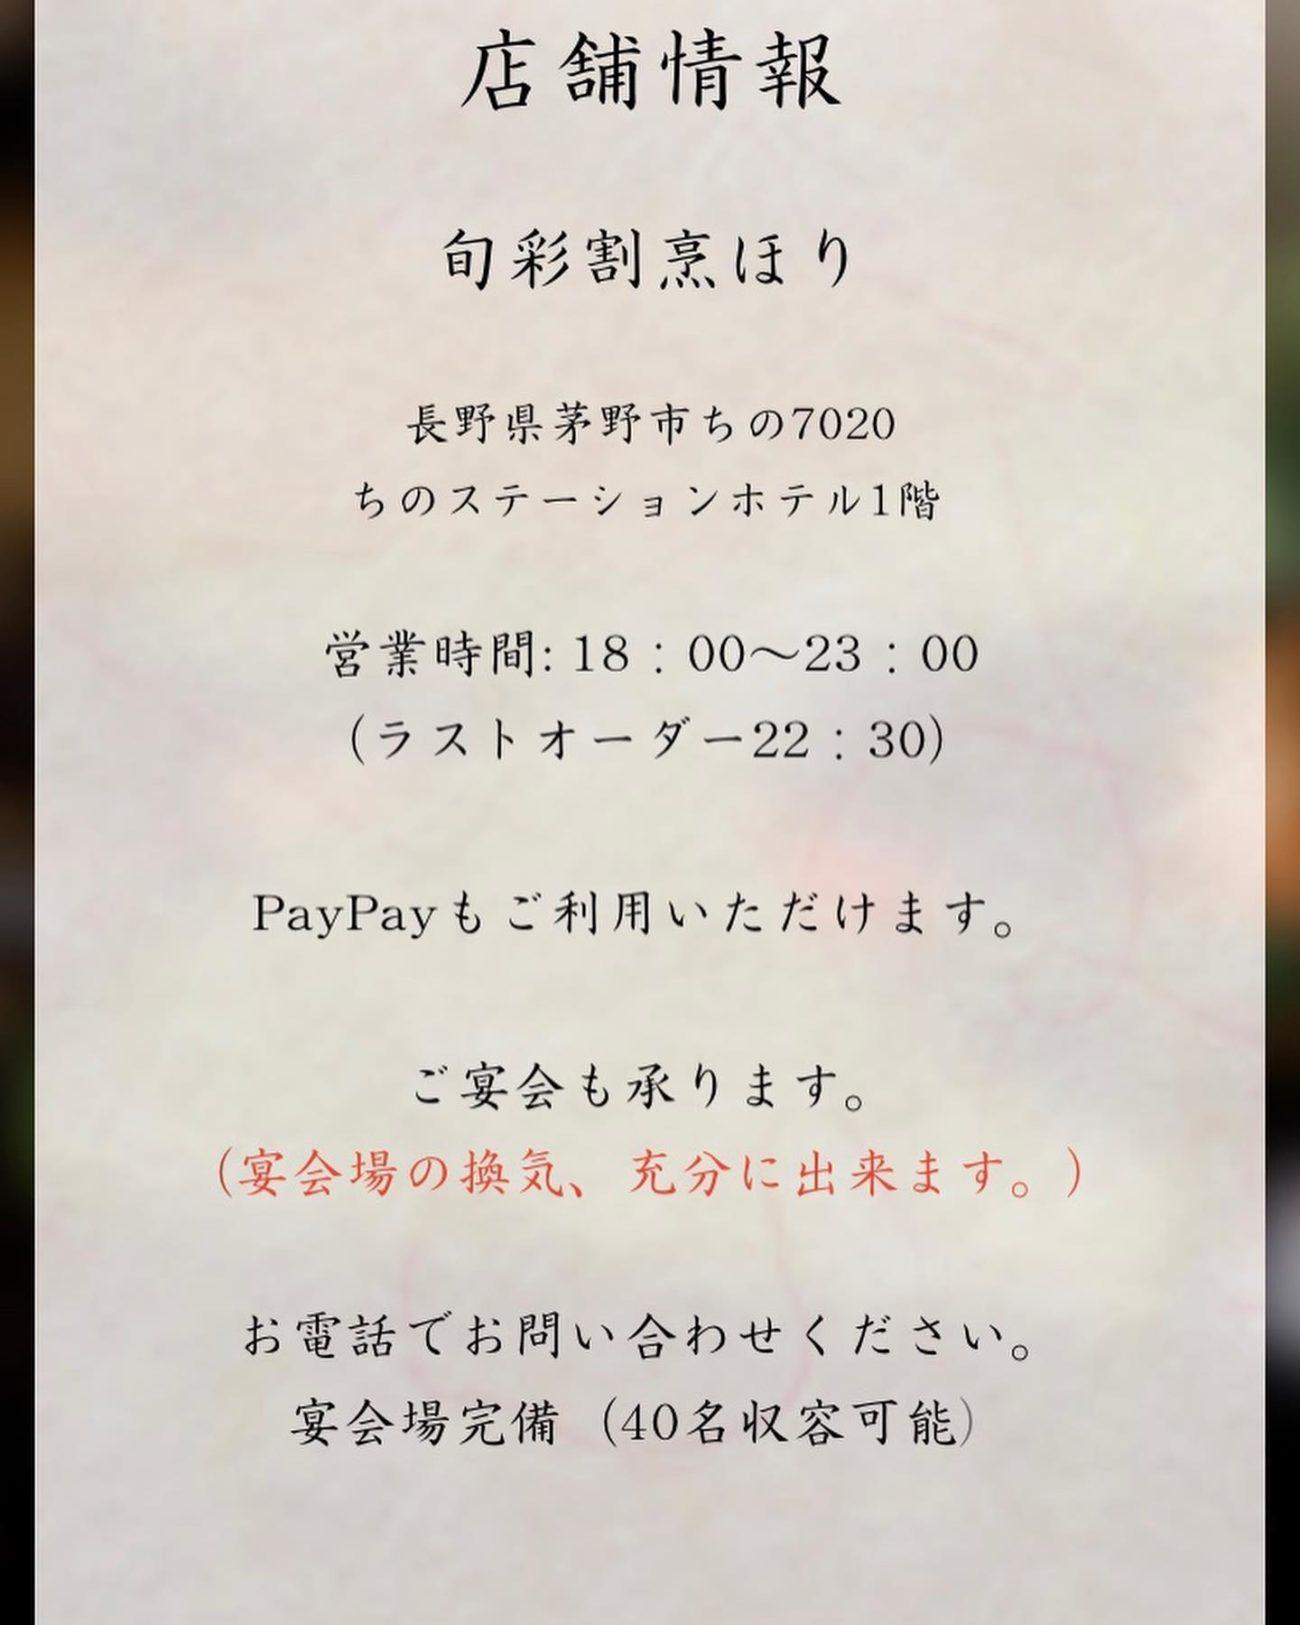 アビエス2020パートナー紹介-旬菜割烹ほり-営業時間